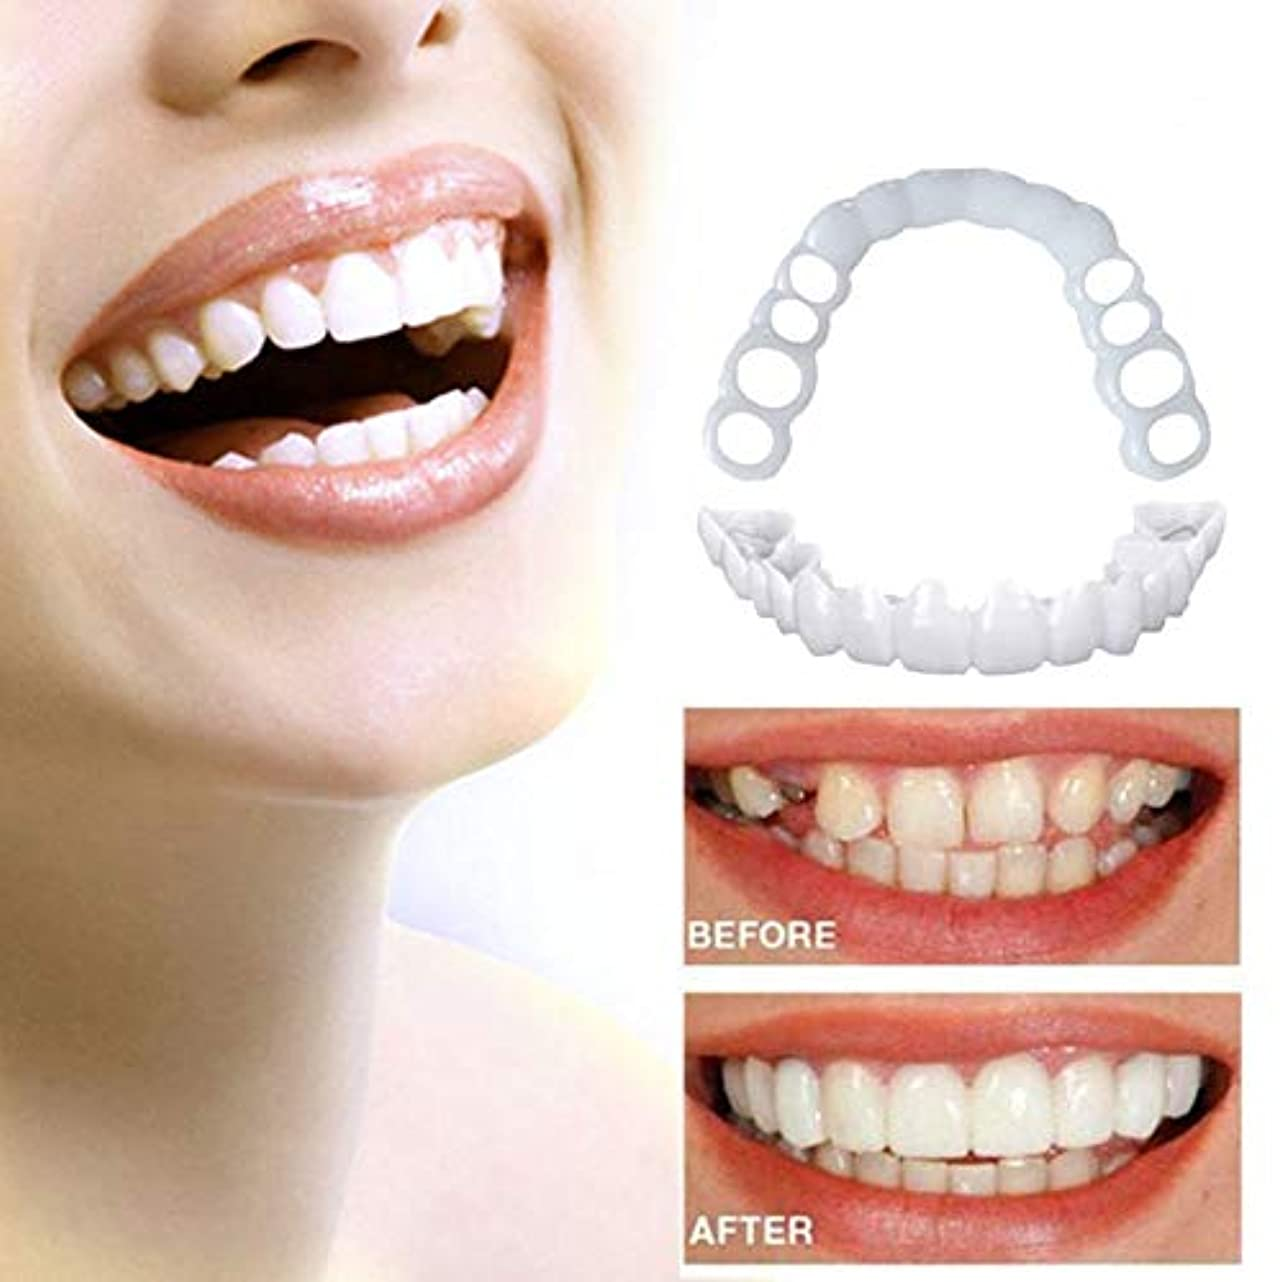 飢えたかき混ぜるエリート素朴な義歯入れ歯ホワイトニングインスタントパーフェクトスマイルトップとボトム快適なスナップオンフェイクトゥースカバー模擬歯男性用女性(2本)